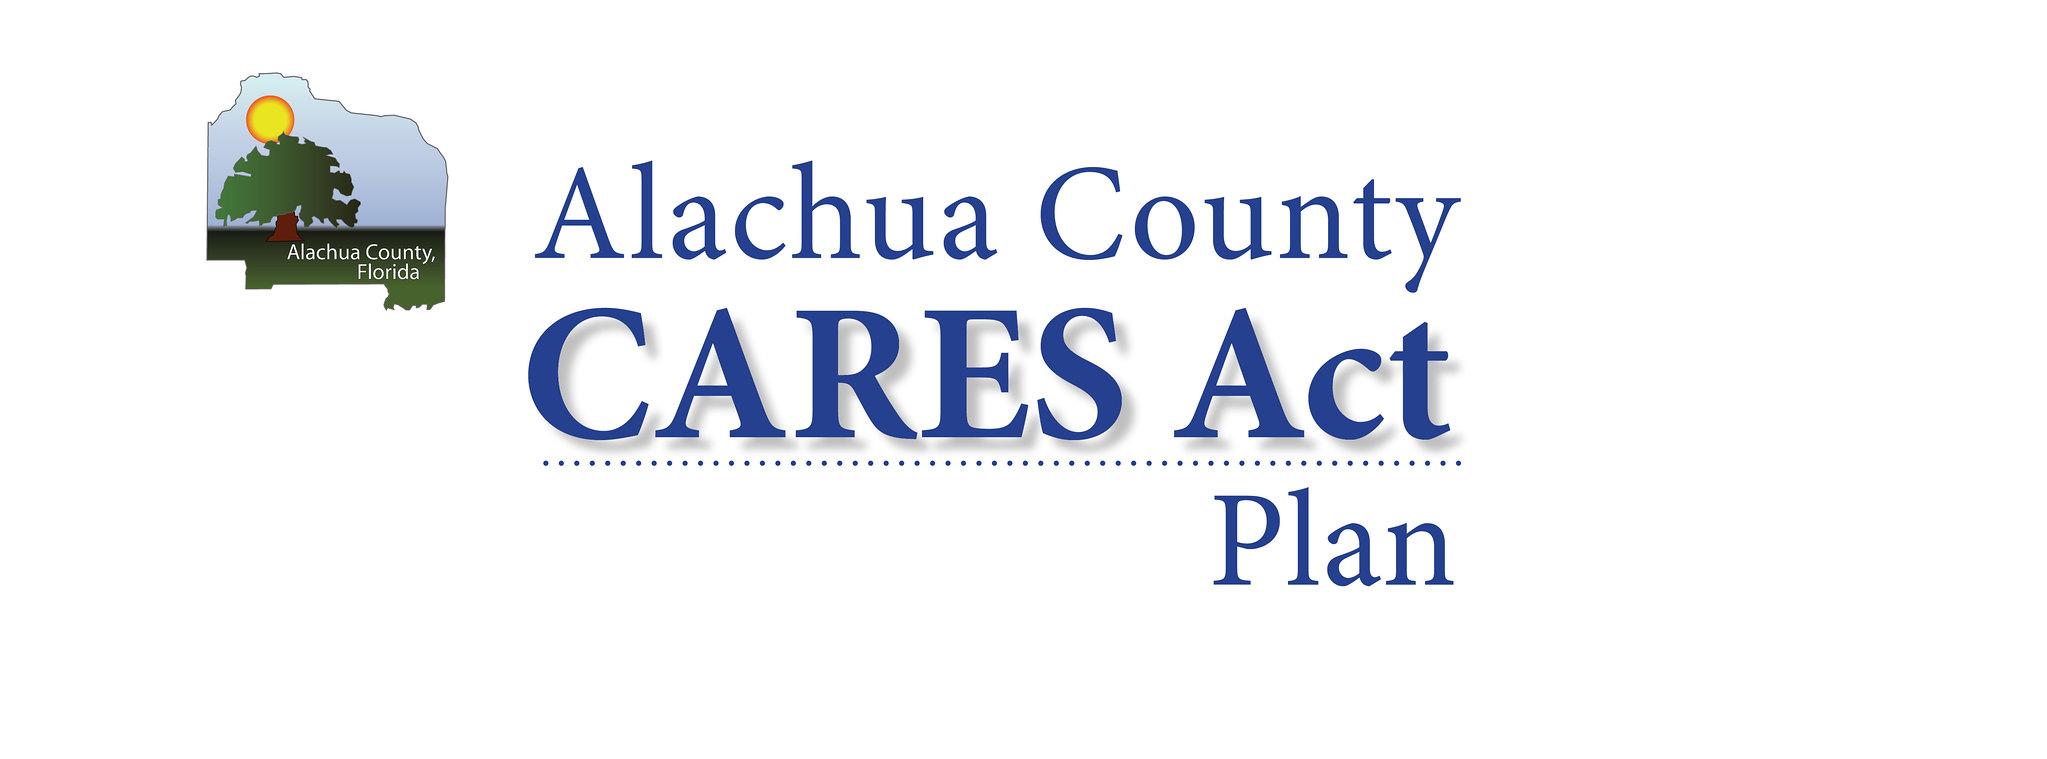 Alachua County CARES Act Plan